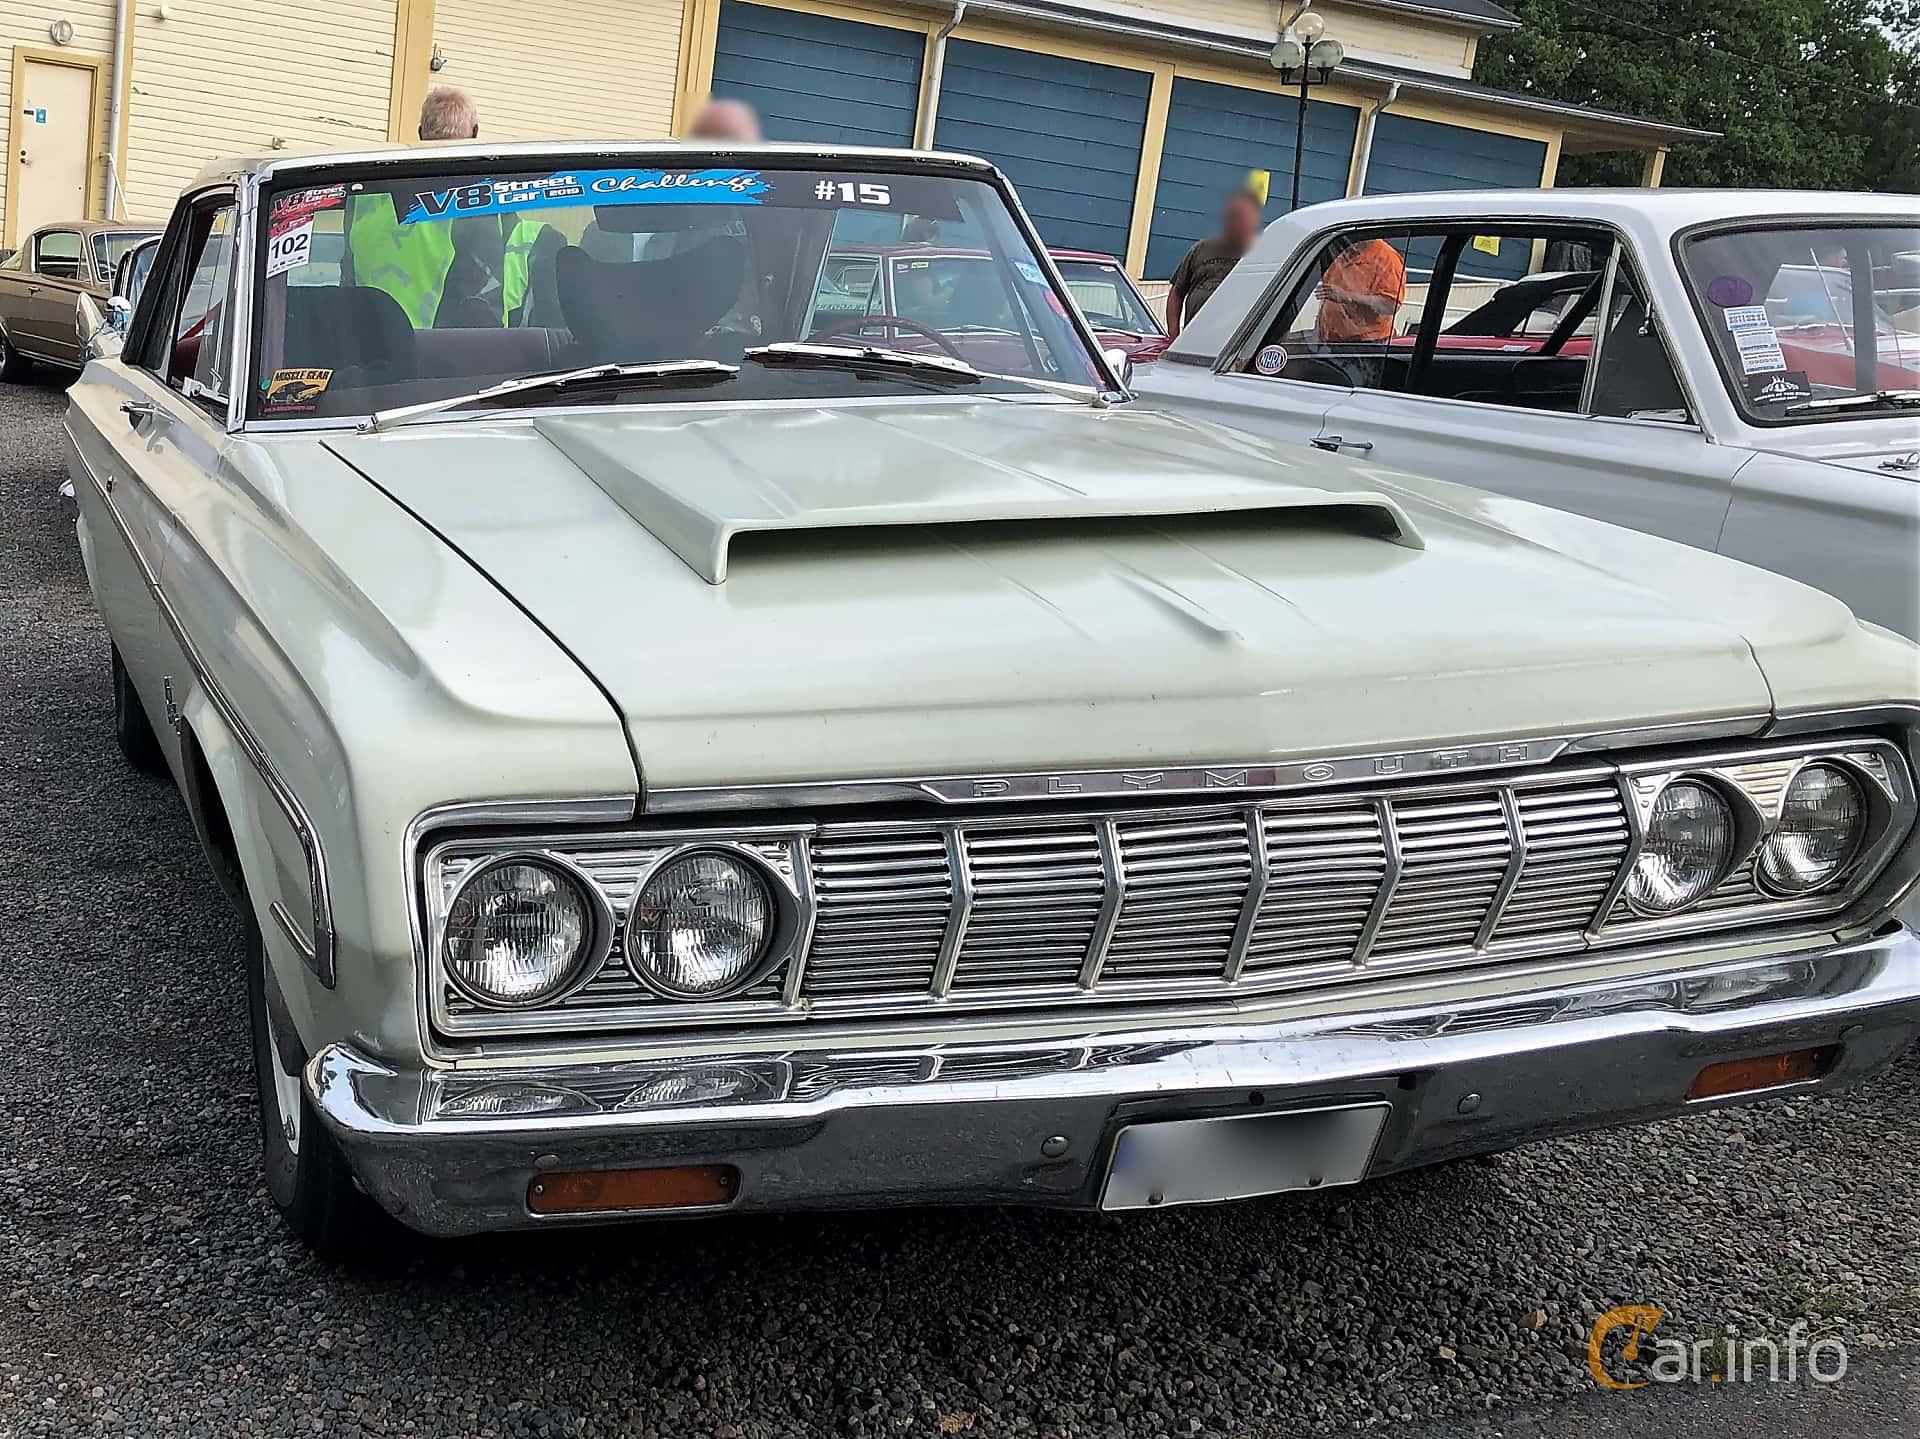 Plymouth Belvedere Hardtop 7.0 V8 PowerFlite, 370hp, 1964 at Bil & MC-träffar i Huskvarna Folkets Park 2019 vecka 32 tema Hot Rods